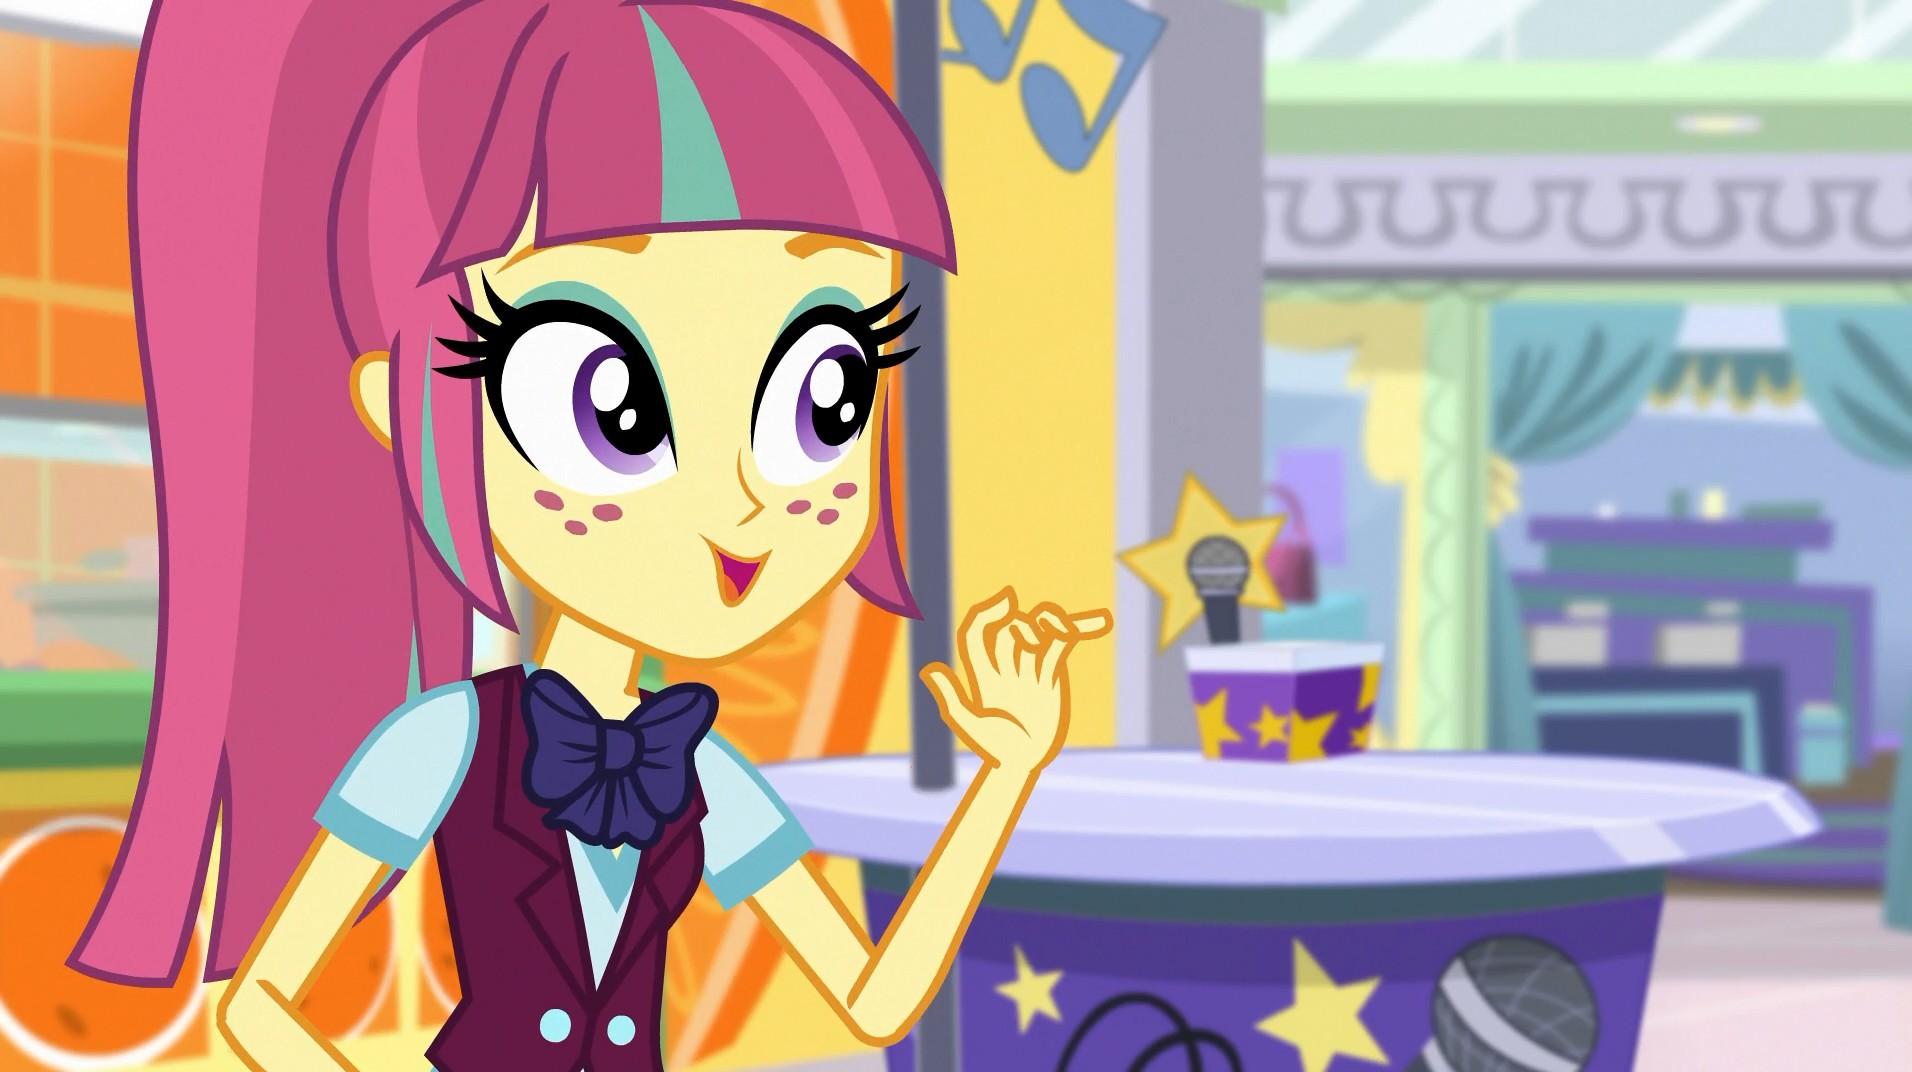 Мой маленький пони: Девочки из Эквестрии - Волшебная ночь кино / My Little Pony: Equestria Girls Specials - Magical Movie Night (2017) 1080p